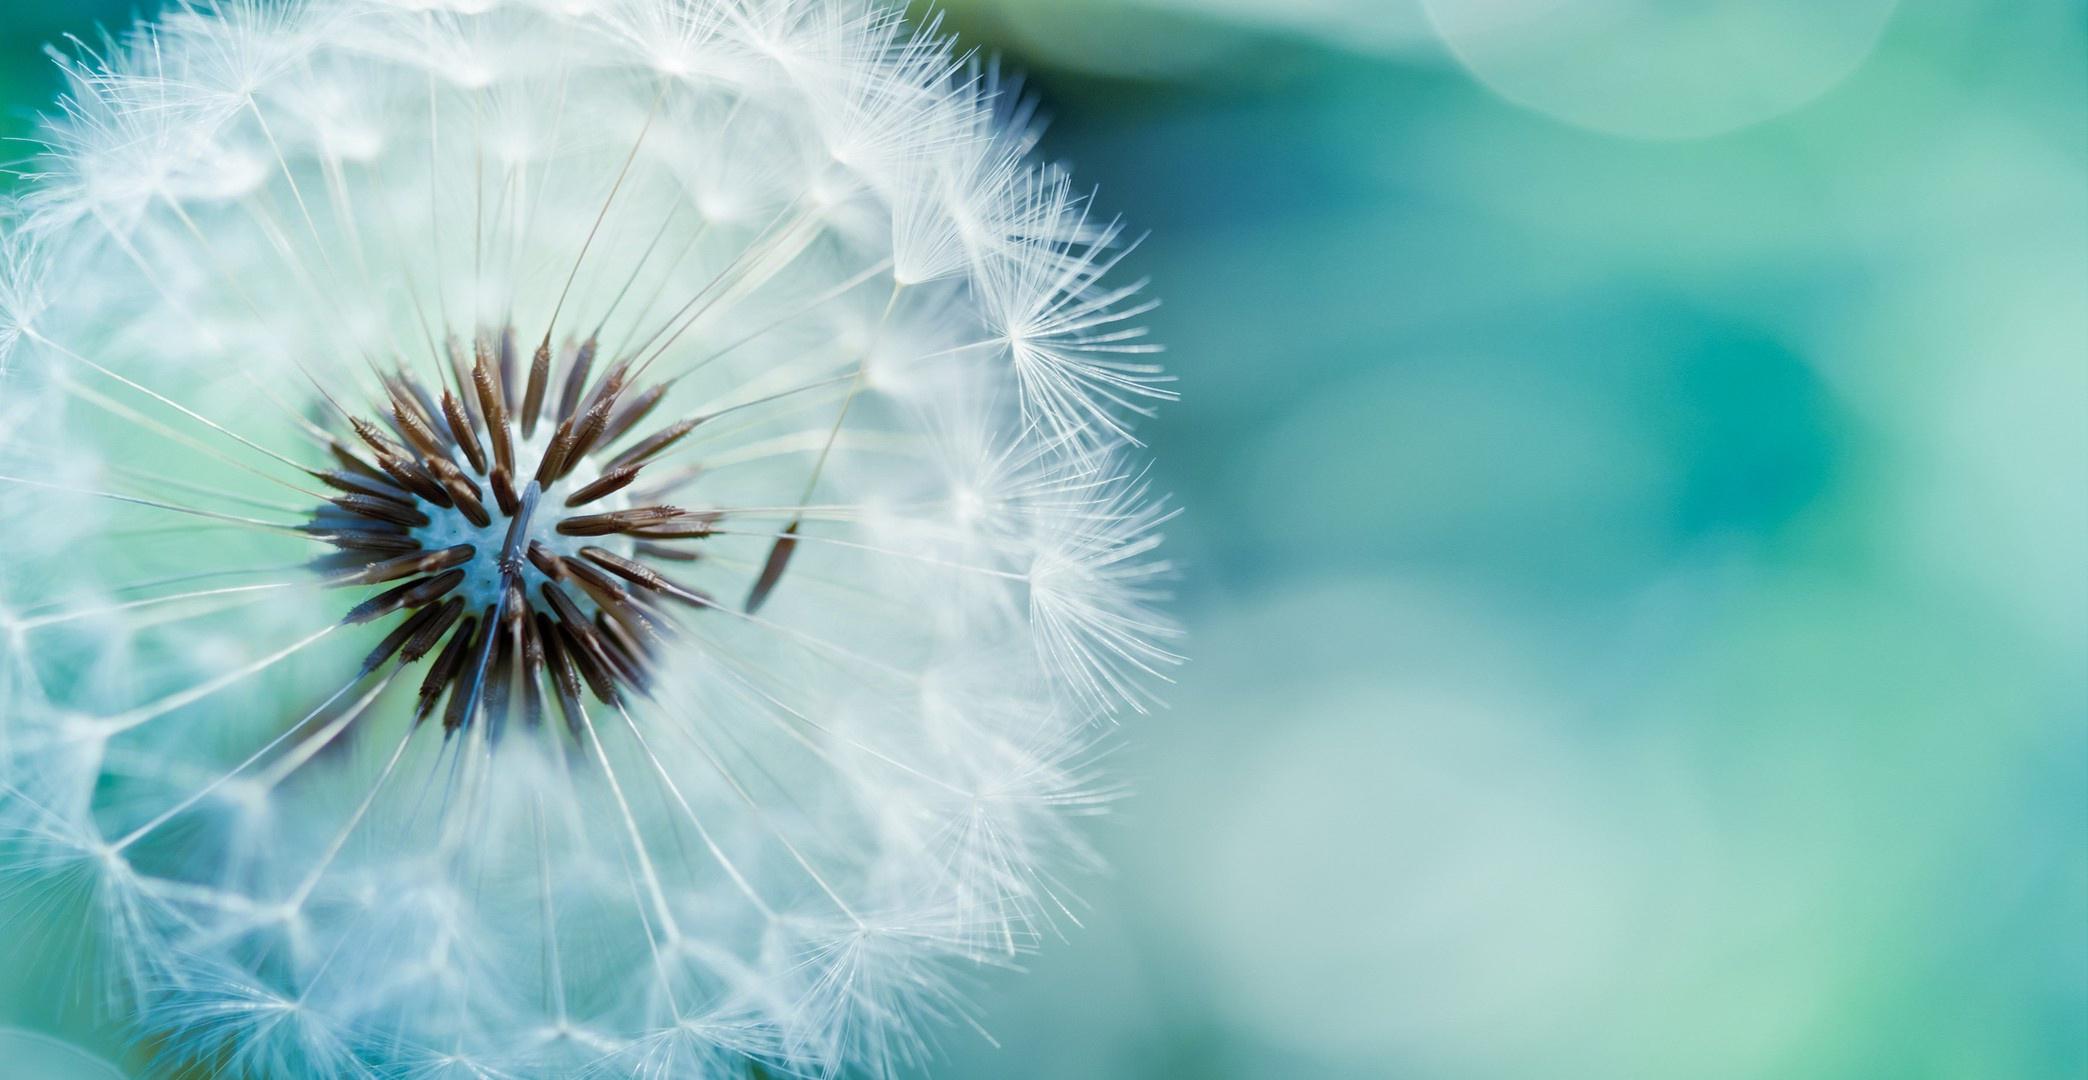 dandelion-flower-hd-wallpapers – unity of hilton head